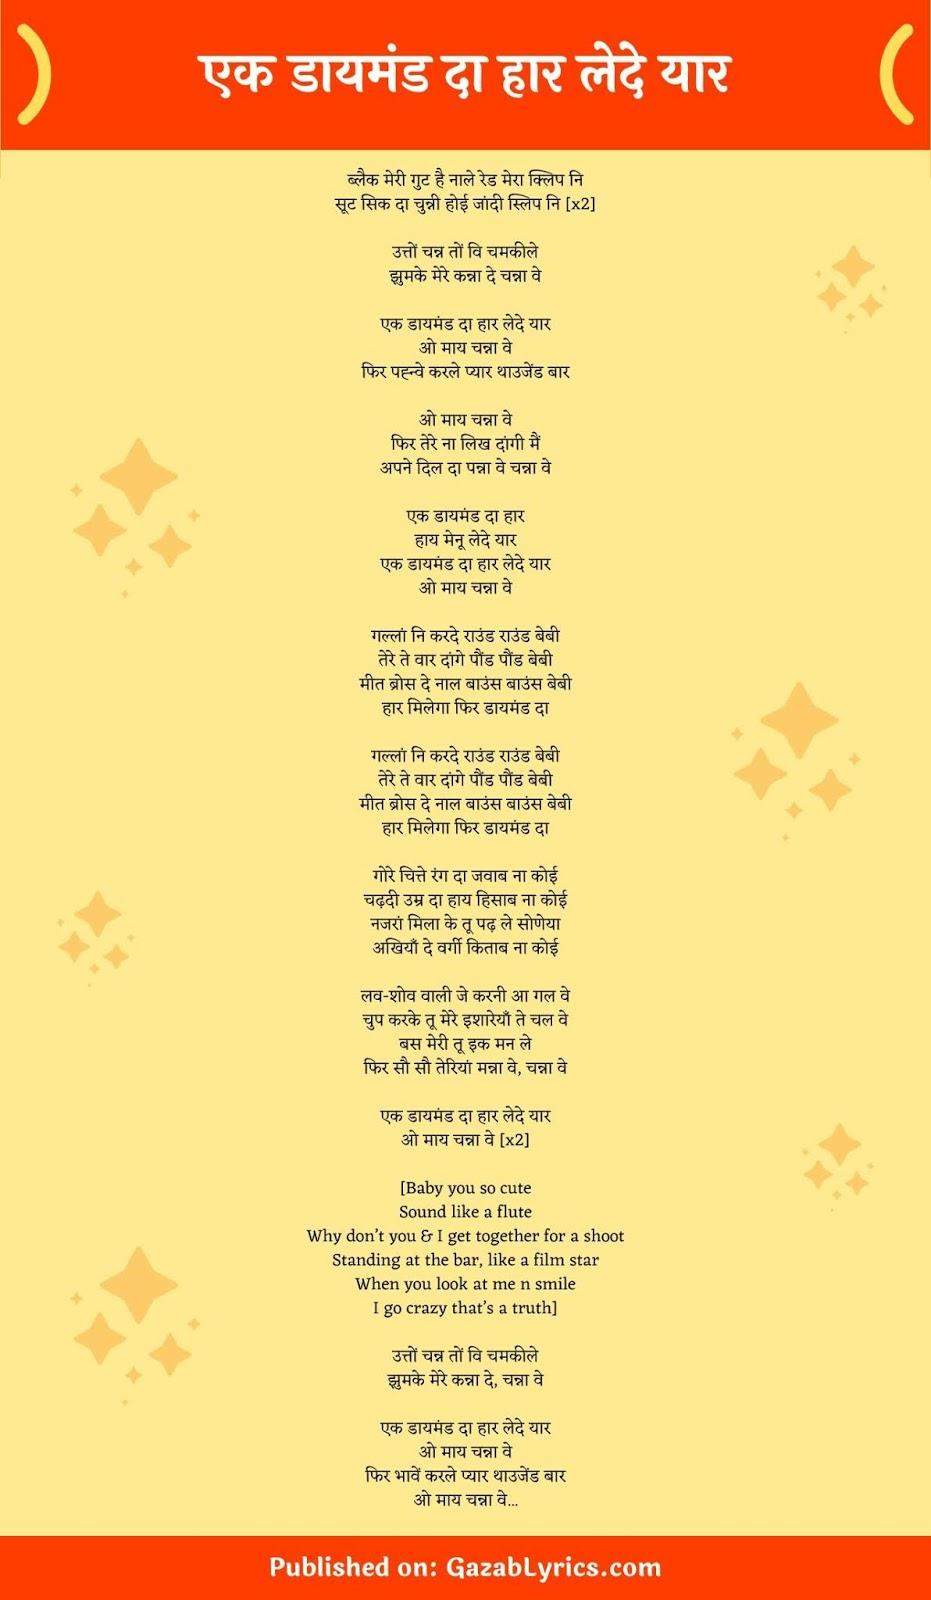 Ek Diamond Da Haar Lede Yaar song lyrics image